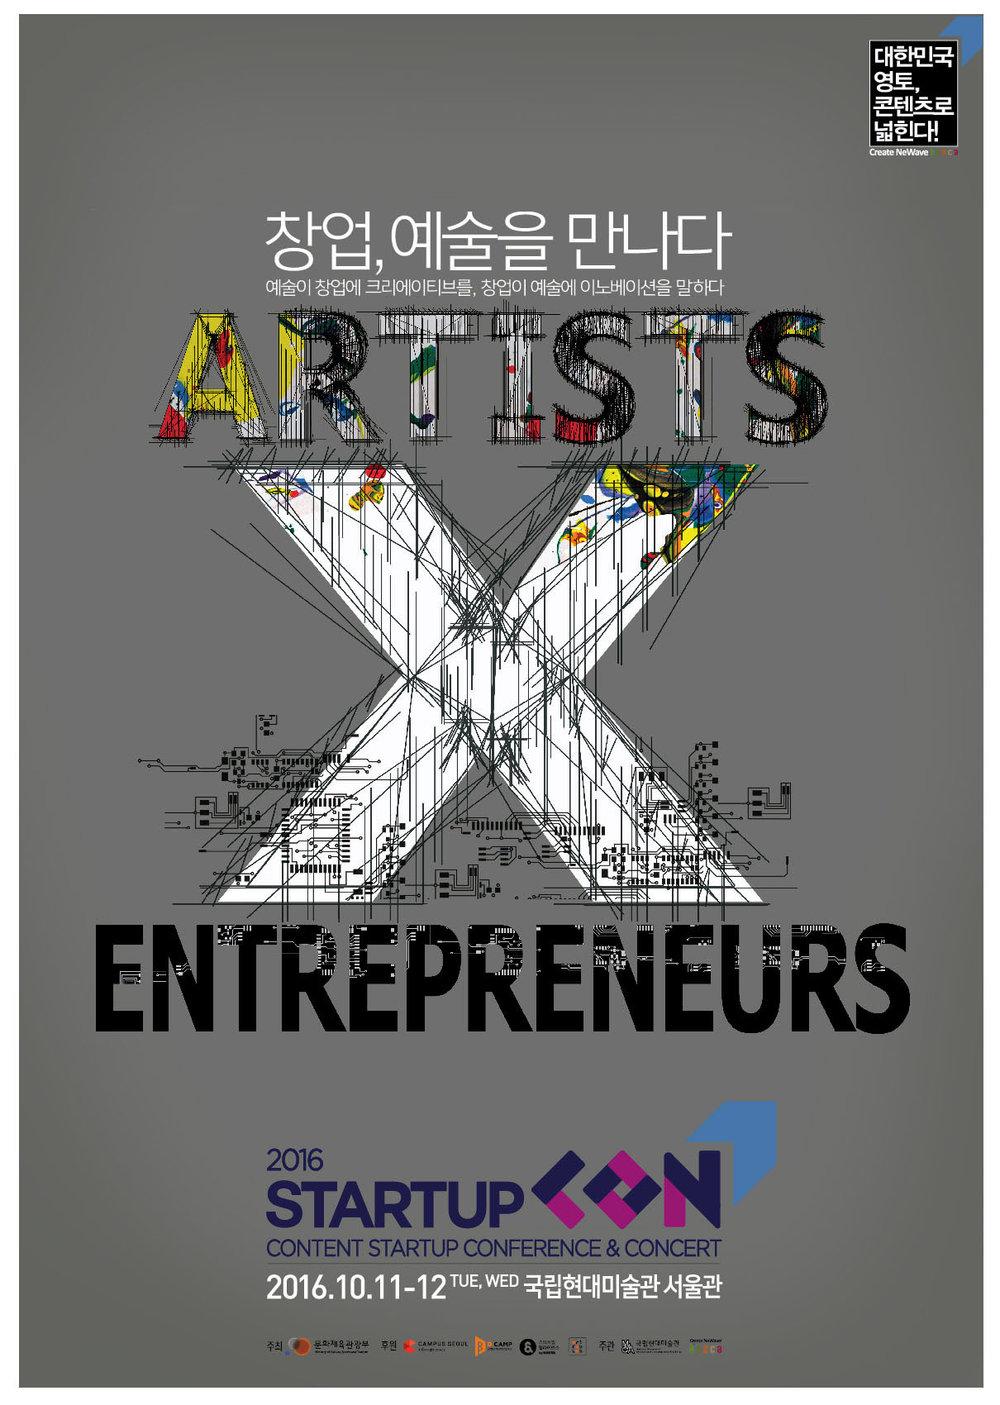 StartupCON 2016 포스터